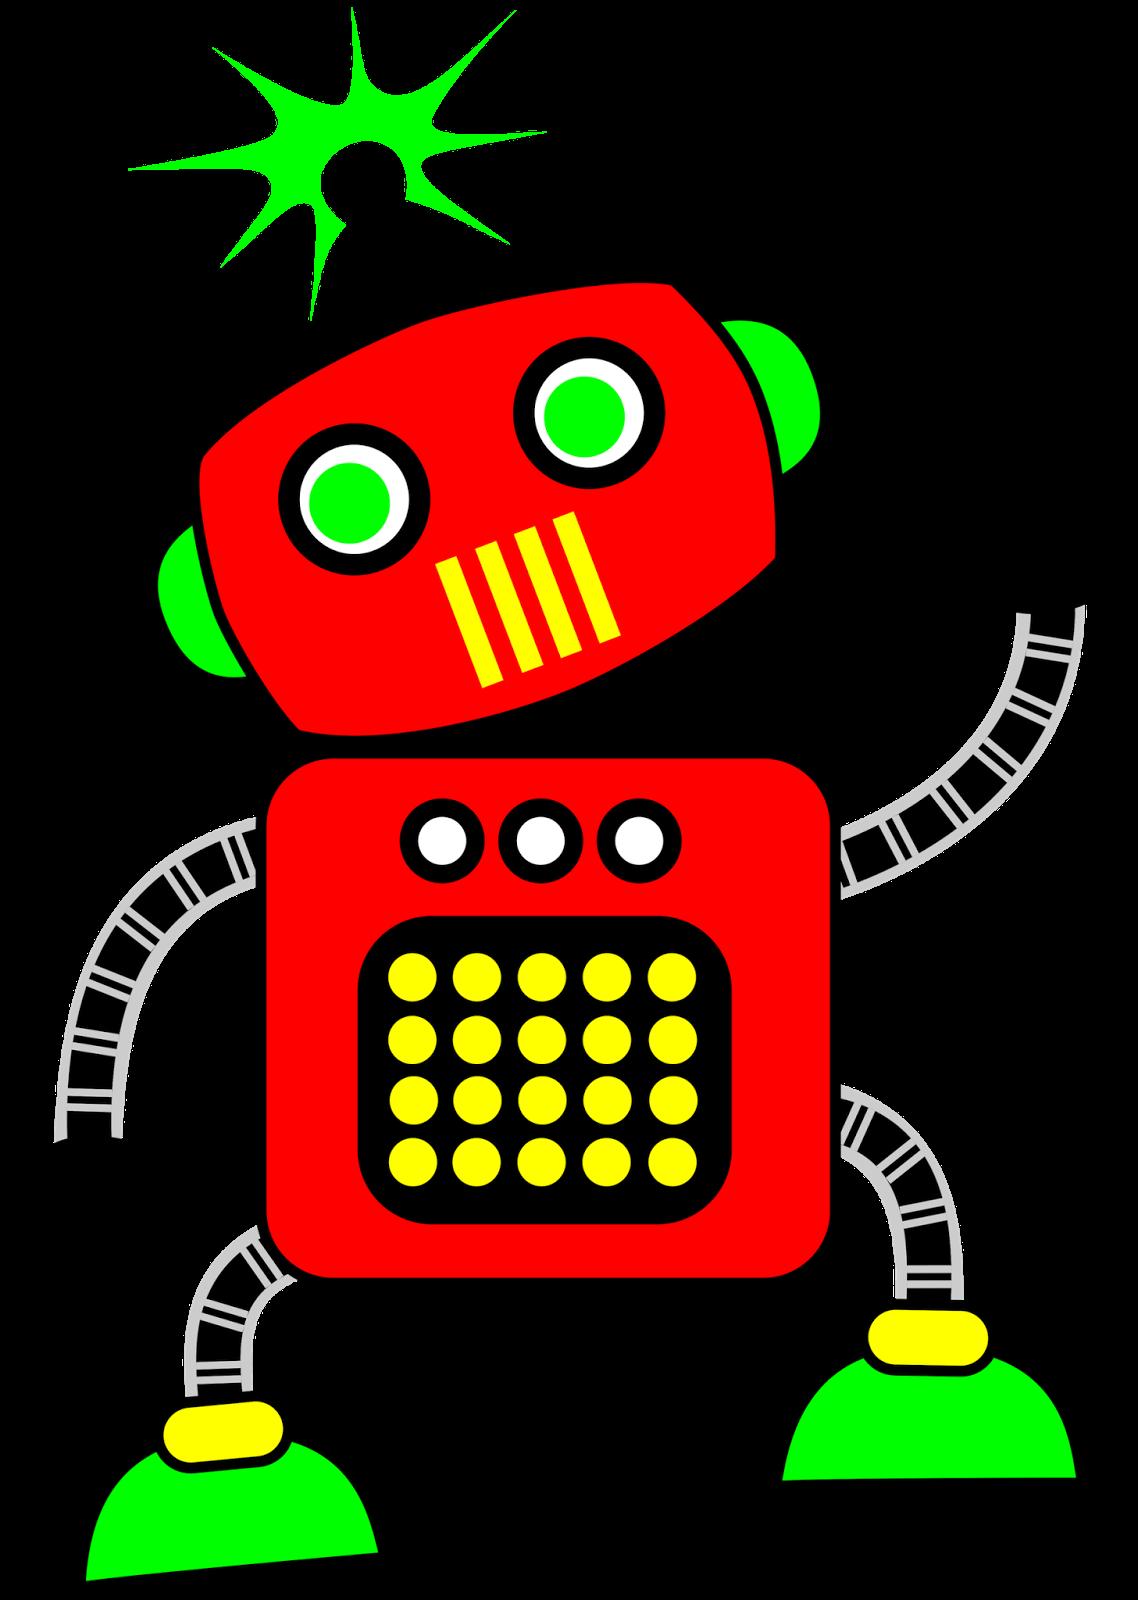 robot clip art clipart image 13361 clip art pinterest robot rh pinterest com robotic clip art images robot clip art black white